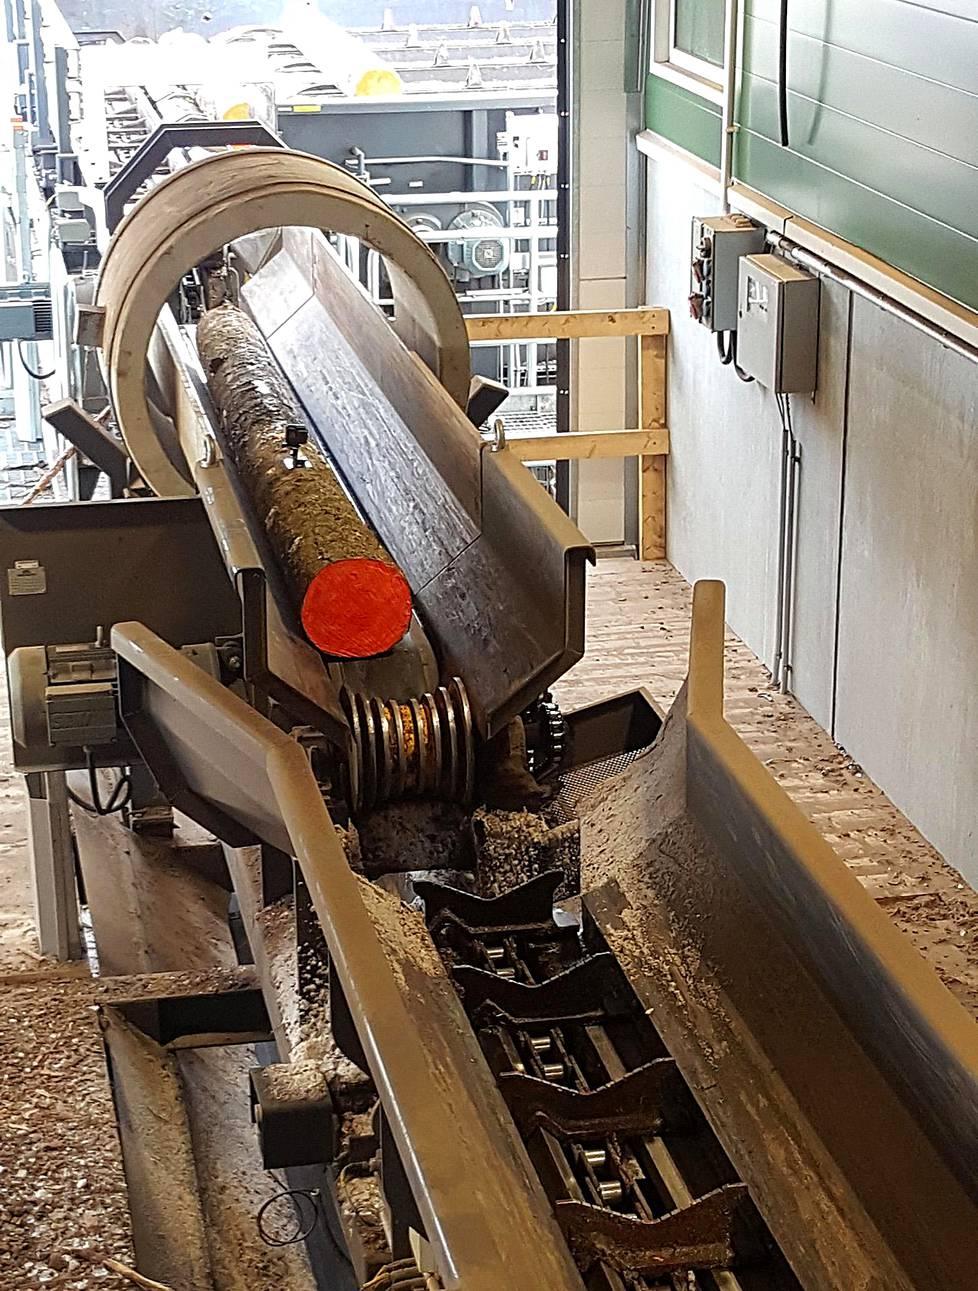 Otto Jaakkosen tukki menee ensimmäisenä magneettitarkastukseen. Tukki oli puhdasta puuta, ei nauloja, sinkiöitä, kranaatin sirpaleita tai muuta sahan terille vaarallisia kappaleita.